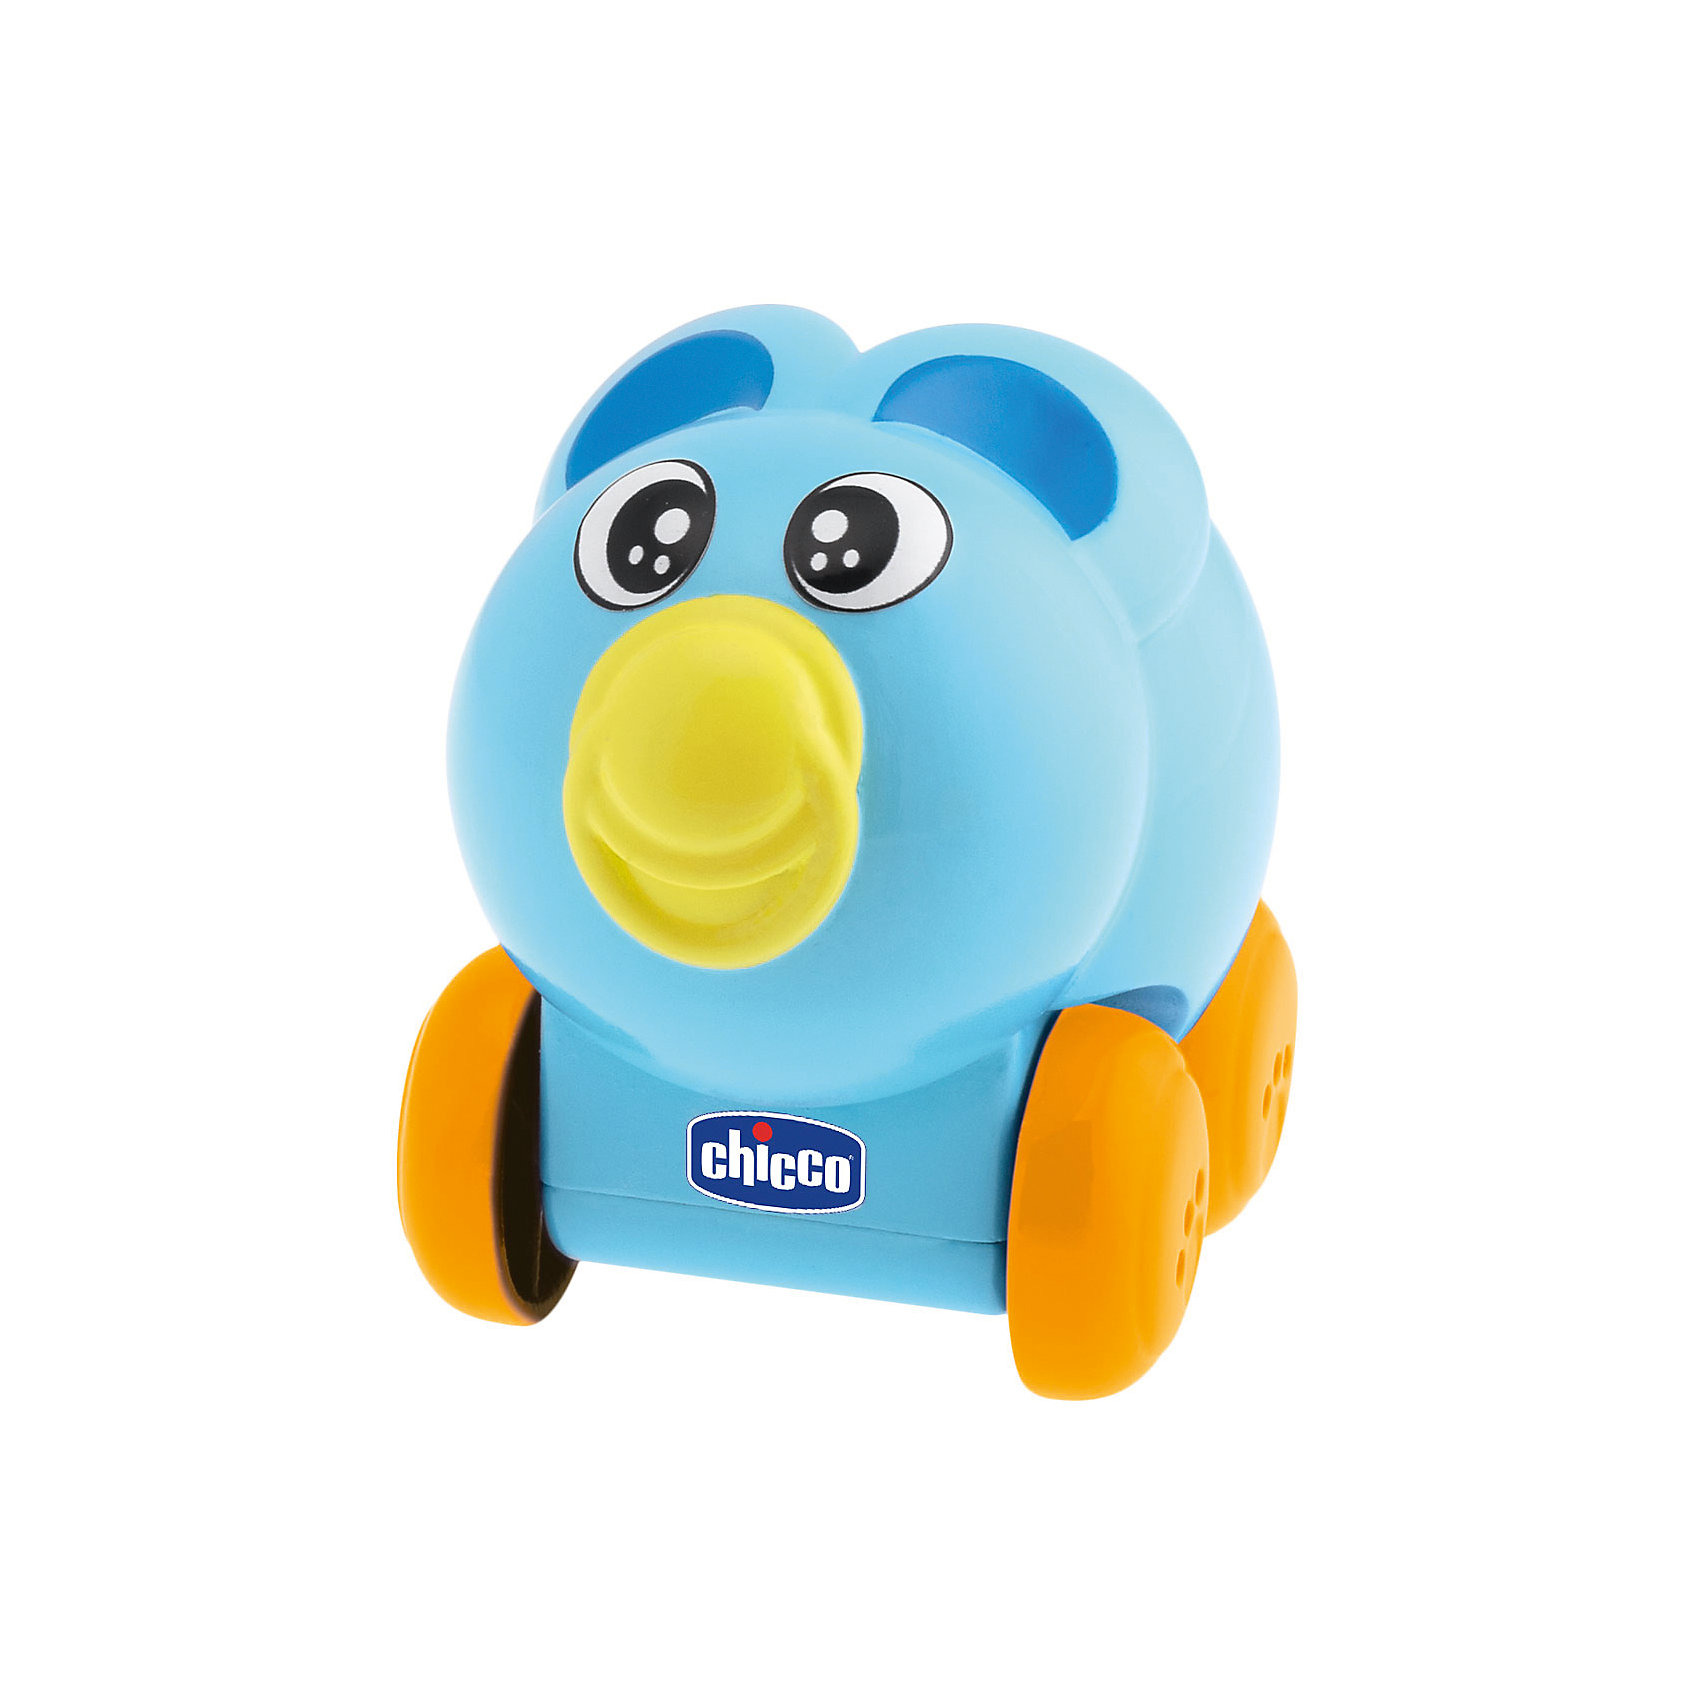 Музыкальная игрушка Кролик на колесах: Ферма, Go Go Music, ChiccoРазвивающие игрушки<br>Характеристики музыкальной игрушки Go Go Music:<br><br>• звуковые эффекты: музыкальное сопровождение;<br>• тип управления: сенсорное;<br>• блокировка колес;<br>• стимуляция движений крохи: ползти за игрушкой, которая движется вперед;<br>• батарейки включены в комплект: 3 шт. LR44<br>• размер упаковки: 33х29х11,5 см.<br><br>Пластиковый кролик на колесиках из серии «Ферма» имеет сенсорные датчики, после разблокировки колес движется вперед. Движение кролика сопровождается приятной мелодией. <br><br>Музыкальную игрушку Кролик на колесах: Ферма, Go Go Music, Chicco можно купить в нашем интернет-магазине.<br><br>Ширина мм: 295<br>Глубина мм: 330<br>Высота мм: 108<br>Вес г: 450<br>Возраст от месяцев: 6<br>Возраст до месяцев: 24<br>Пол: Унисекс<br>Возраст: Детский<br>SKU: 4803948